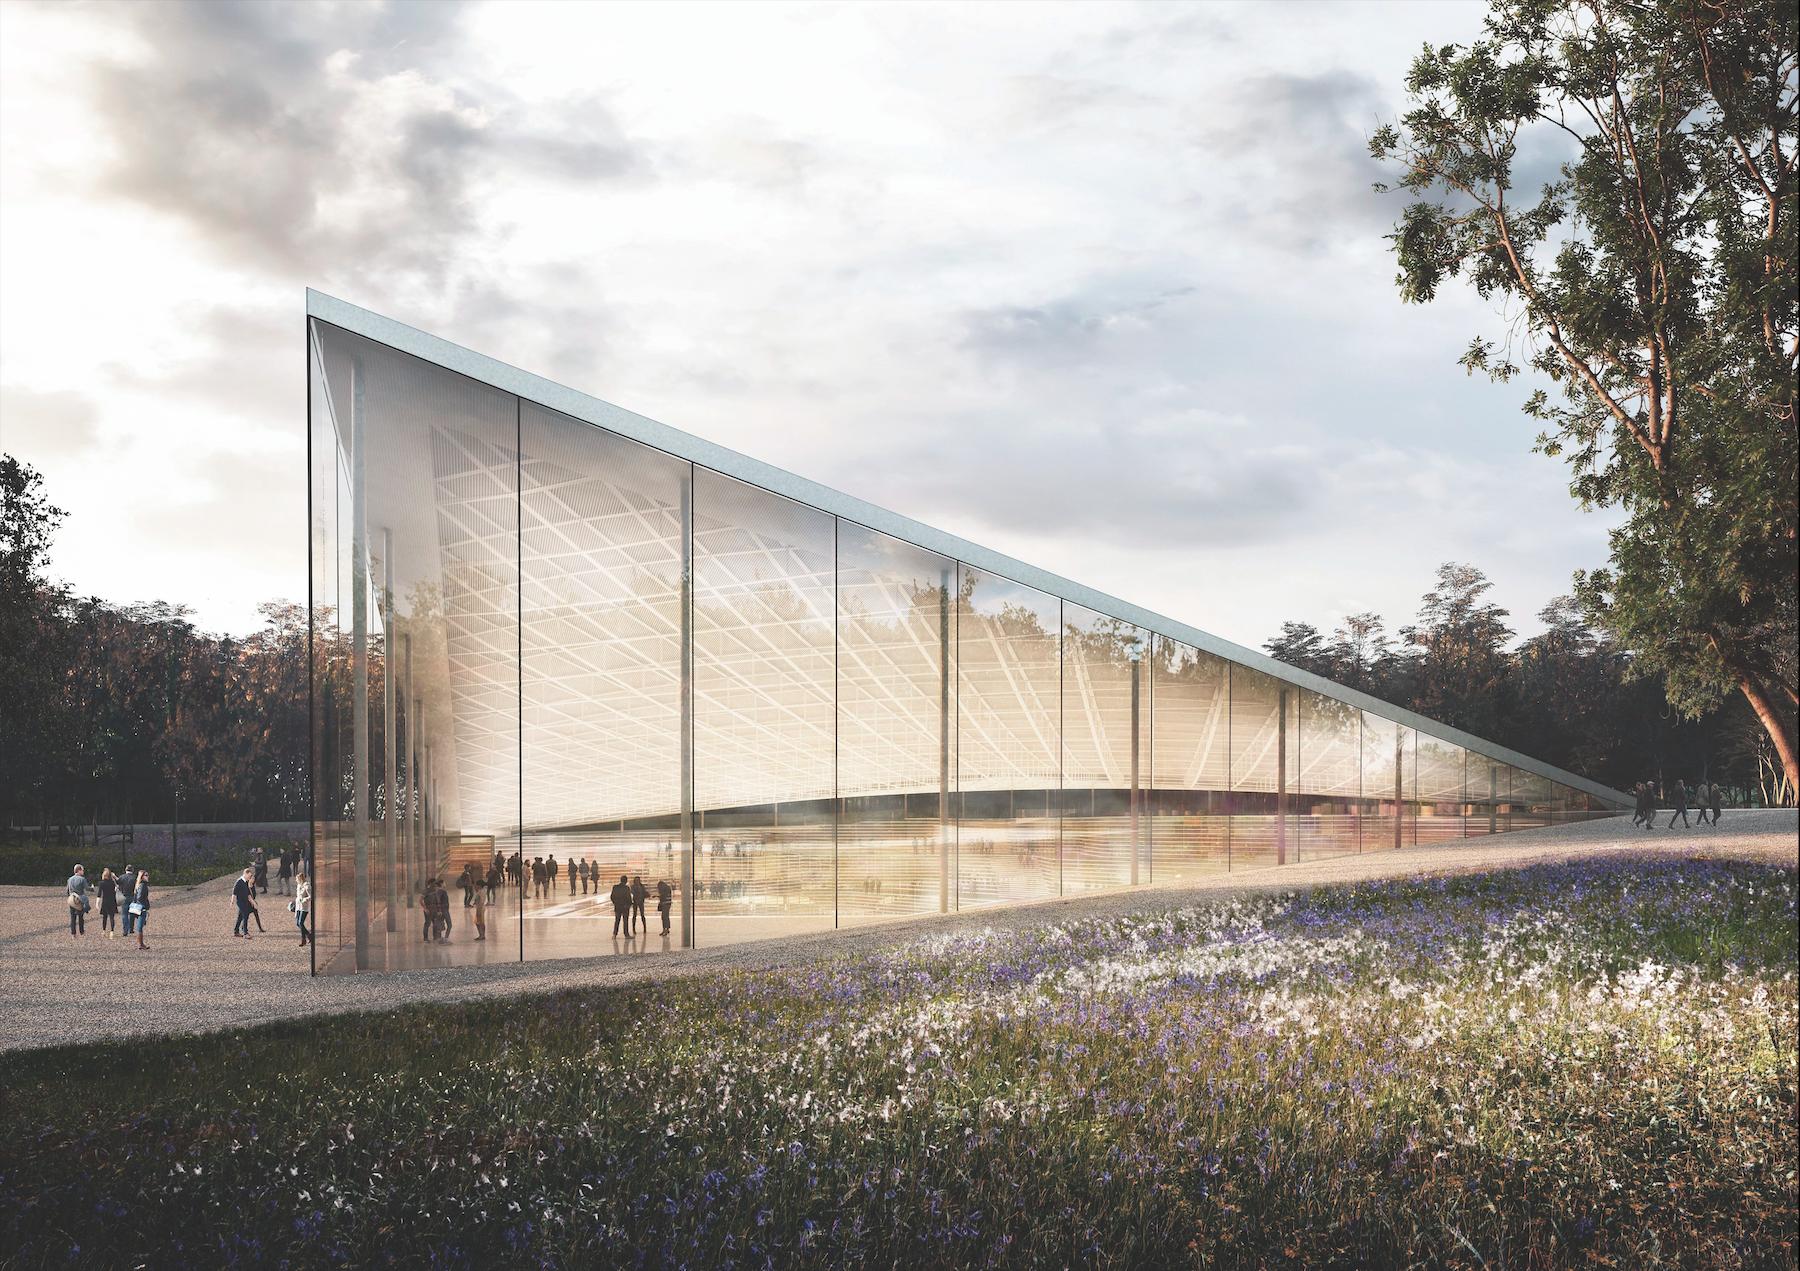 Обрали переможця архітектурного конкурсу для Меморіального центру голокосту «Бабин Яр»